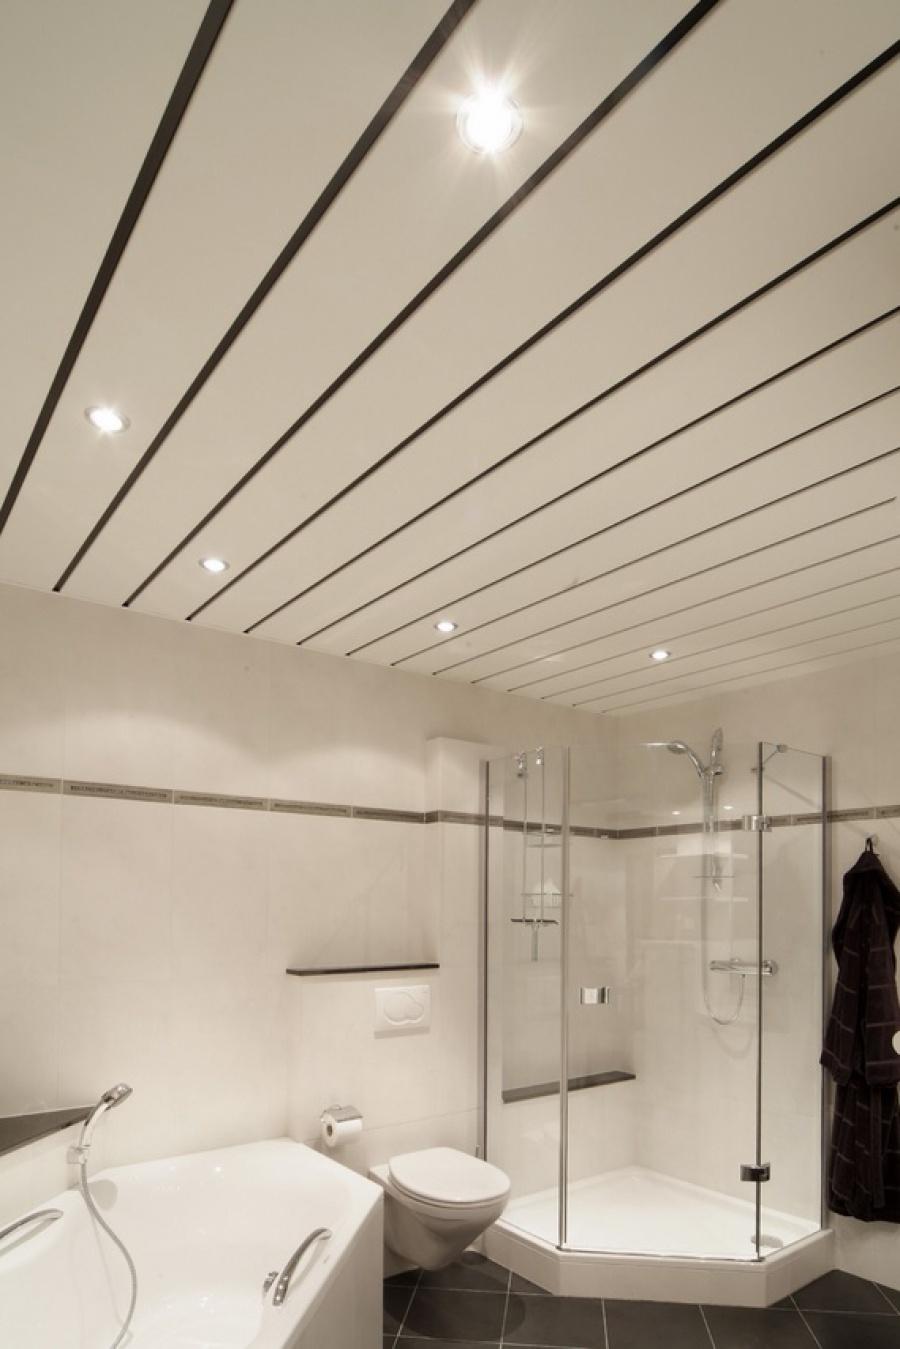 Badkamerplafond - Hoefnagel Tegels, Keukens en Sanitair